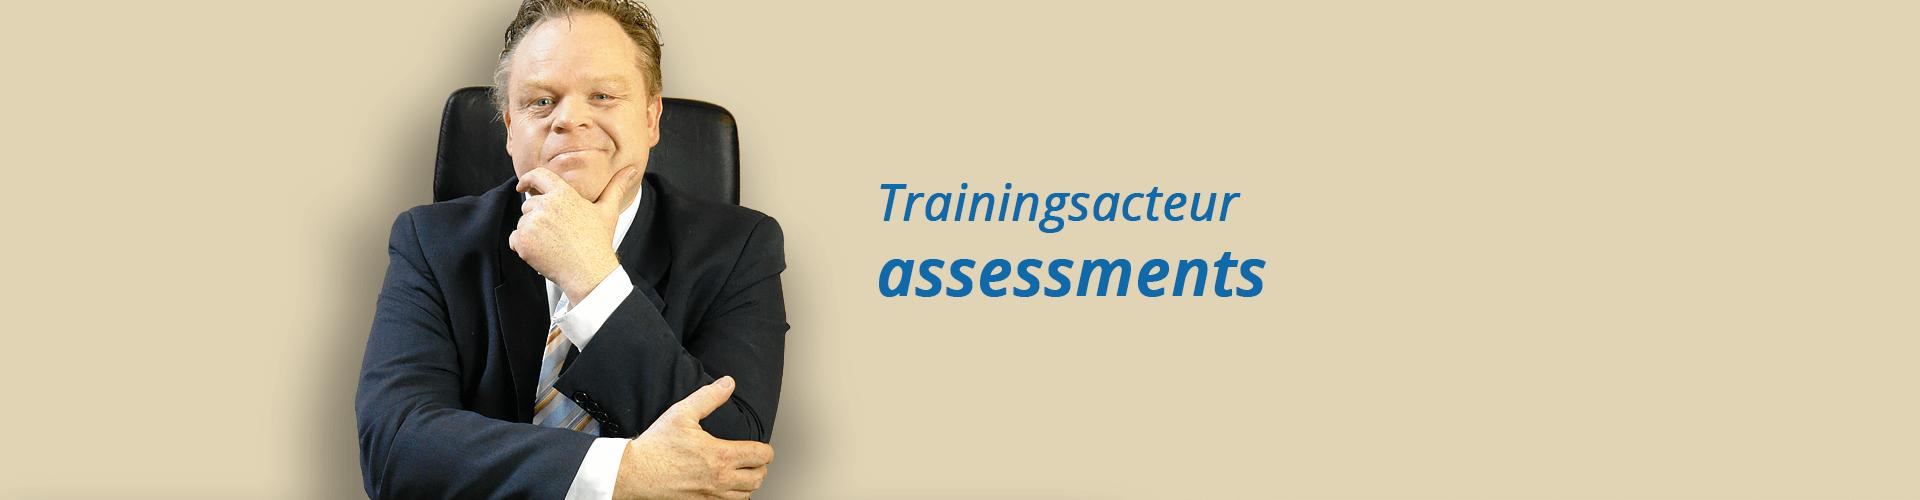 Trainingsacteur assessments